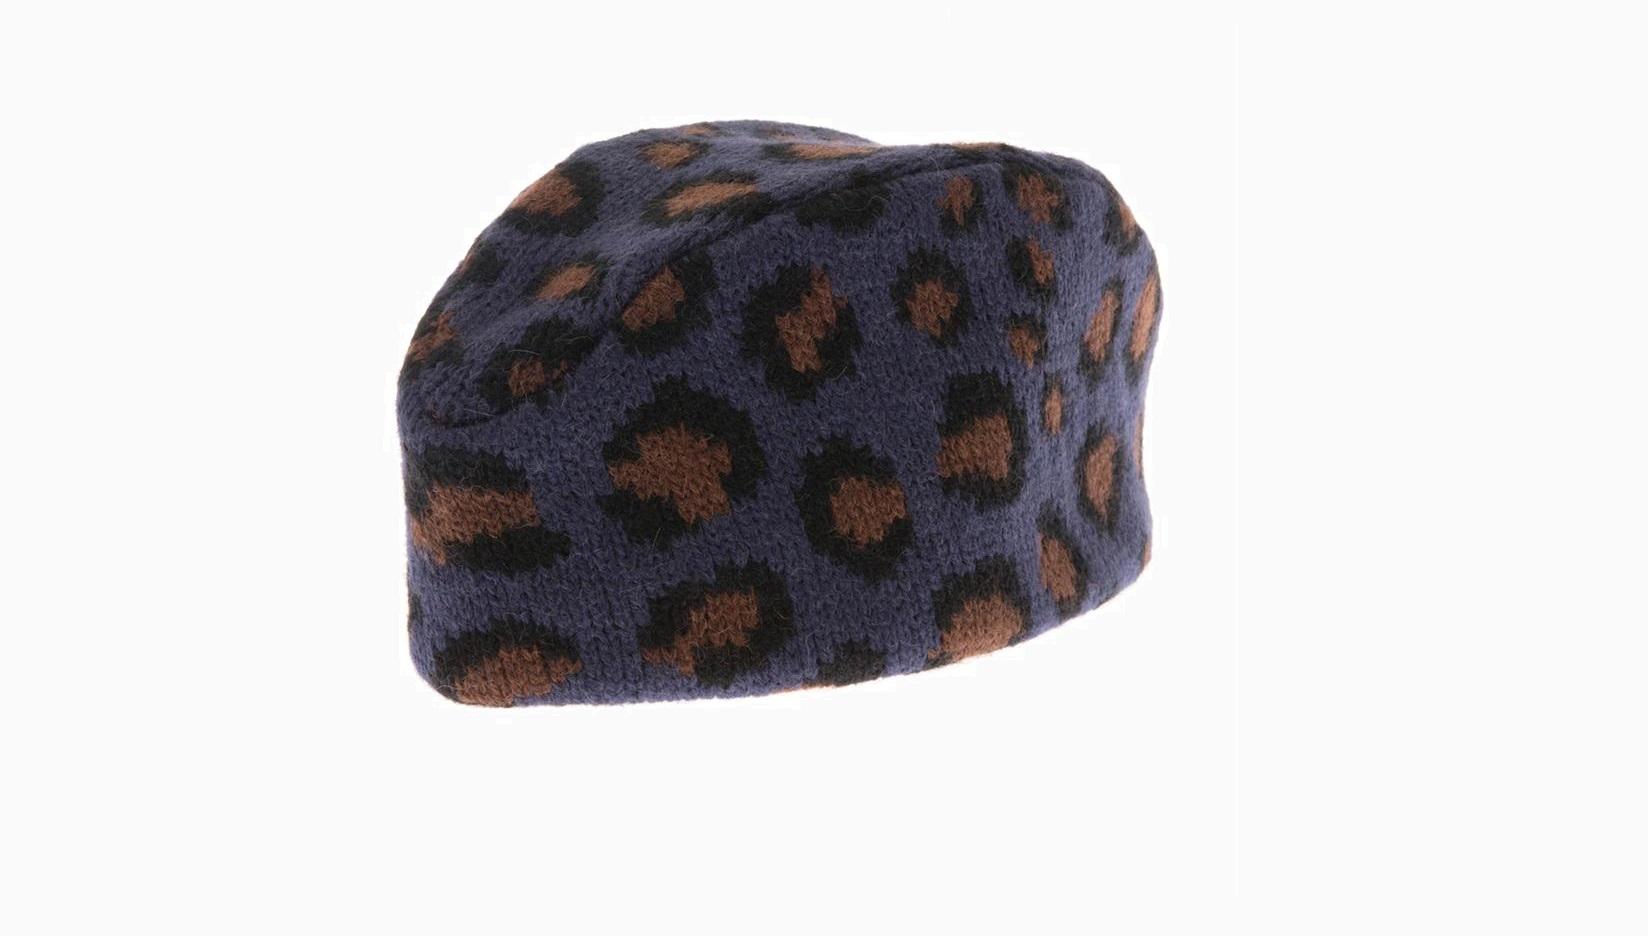 TAK.ORI  От 600 руб. и до…: 12 самых крутых шапок этой зимы